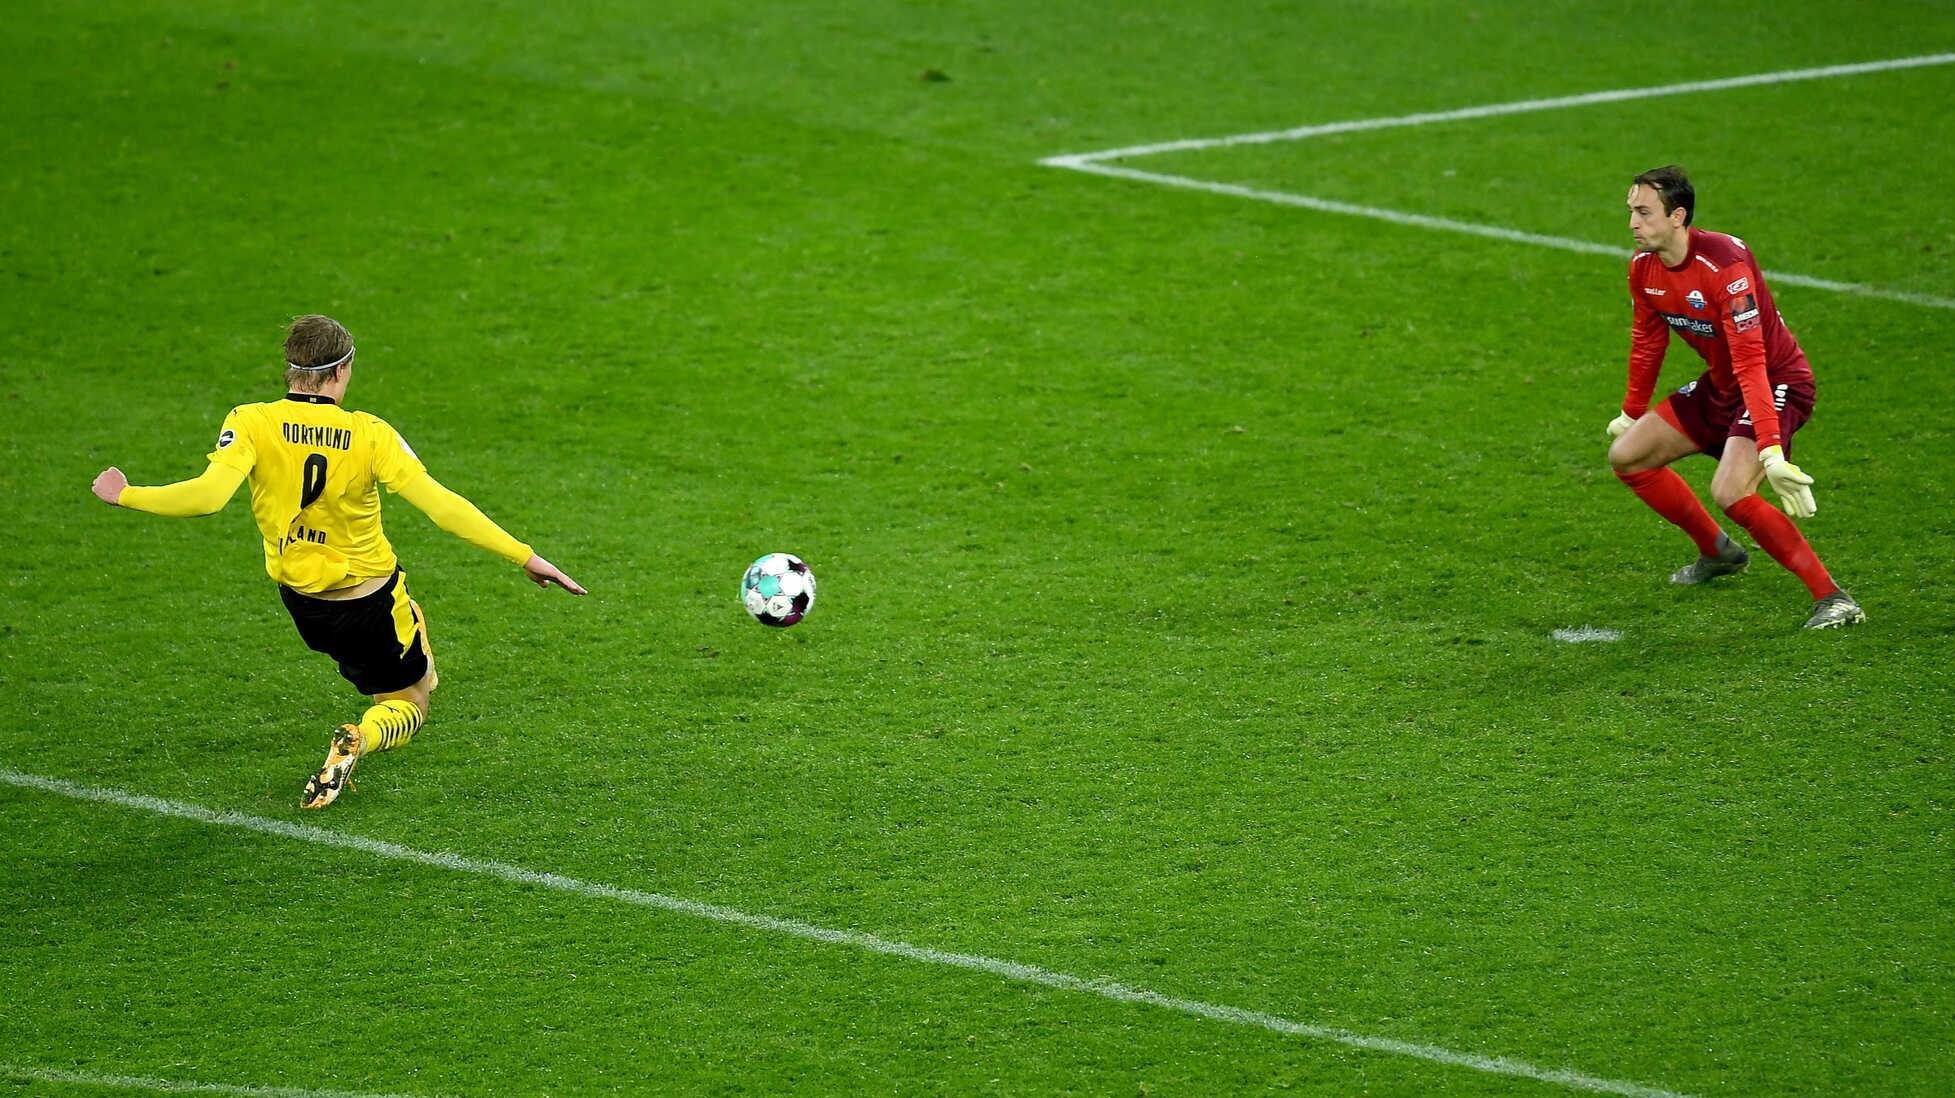 هالاند مسجّلاً هدف الفوز